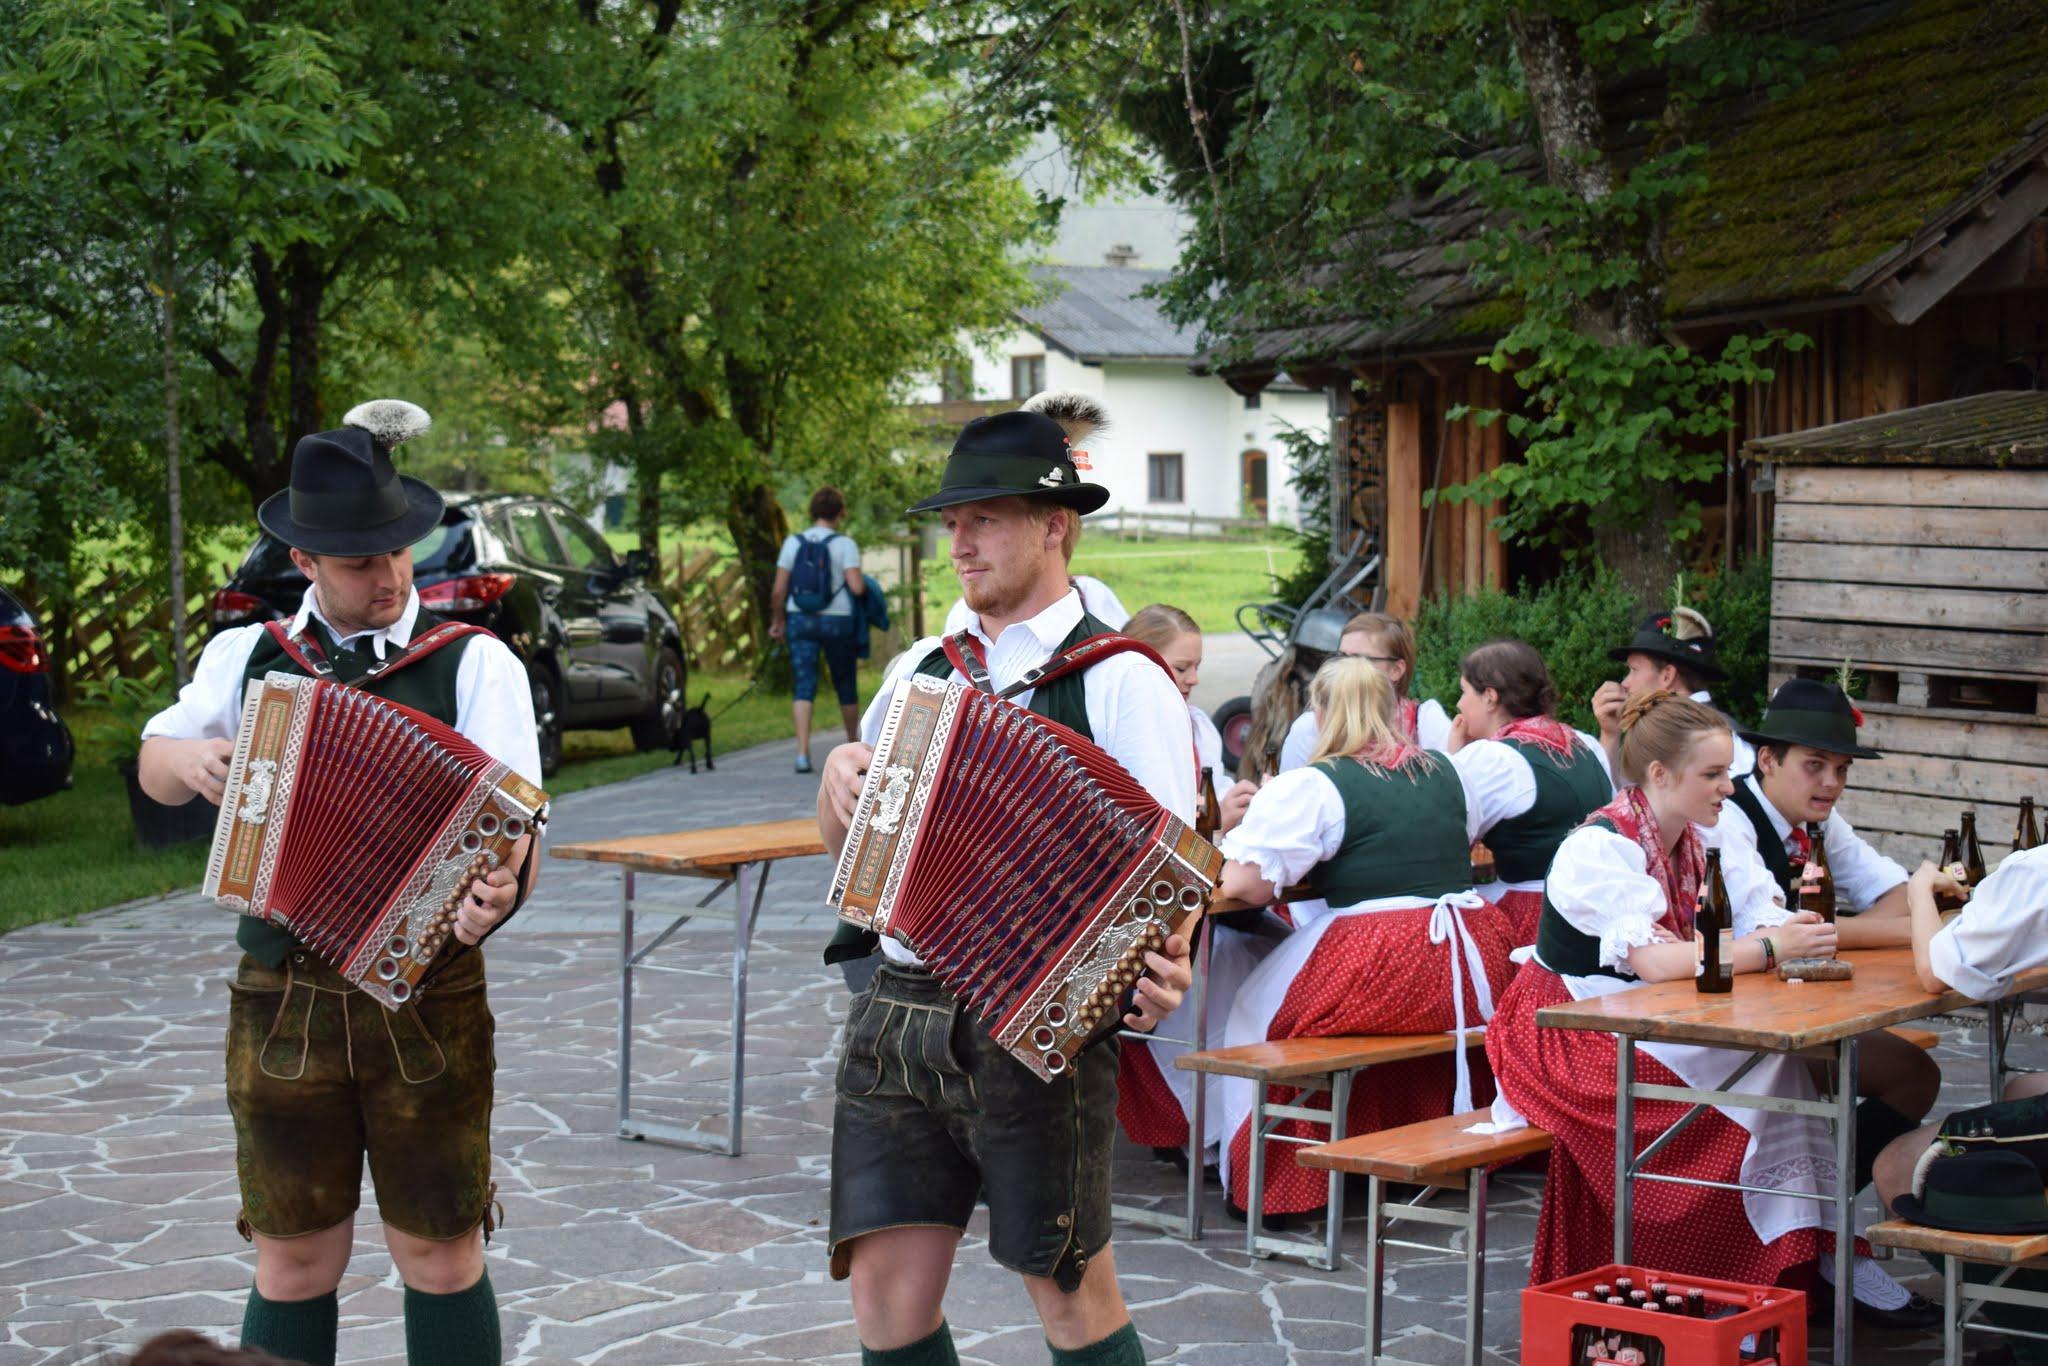 Primushäusl in Sankt Wolfgang, Österreich, 2017